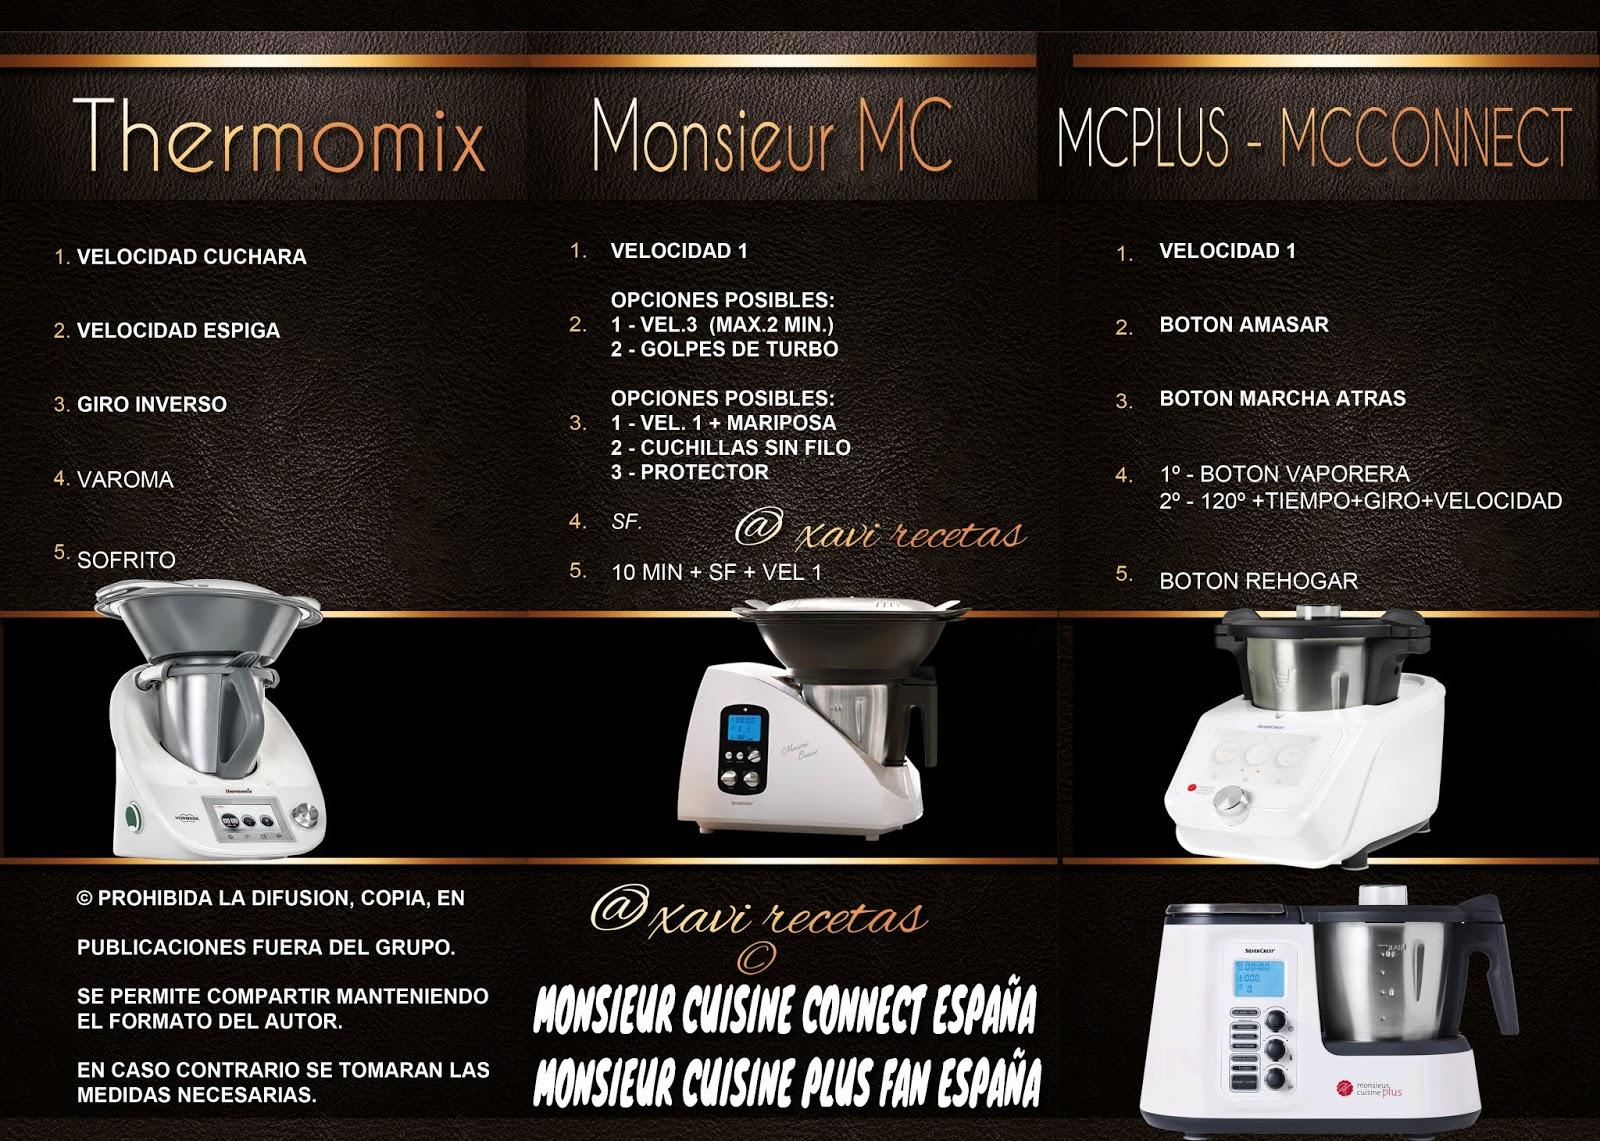 El fabuloso mundo de los robots de cocina - Página 5 THMX-MCPLUS-1